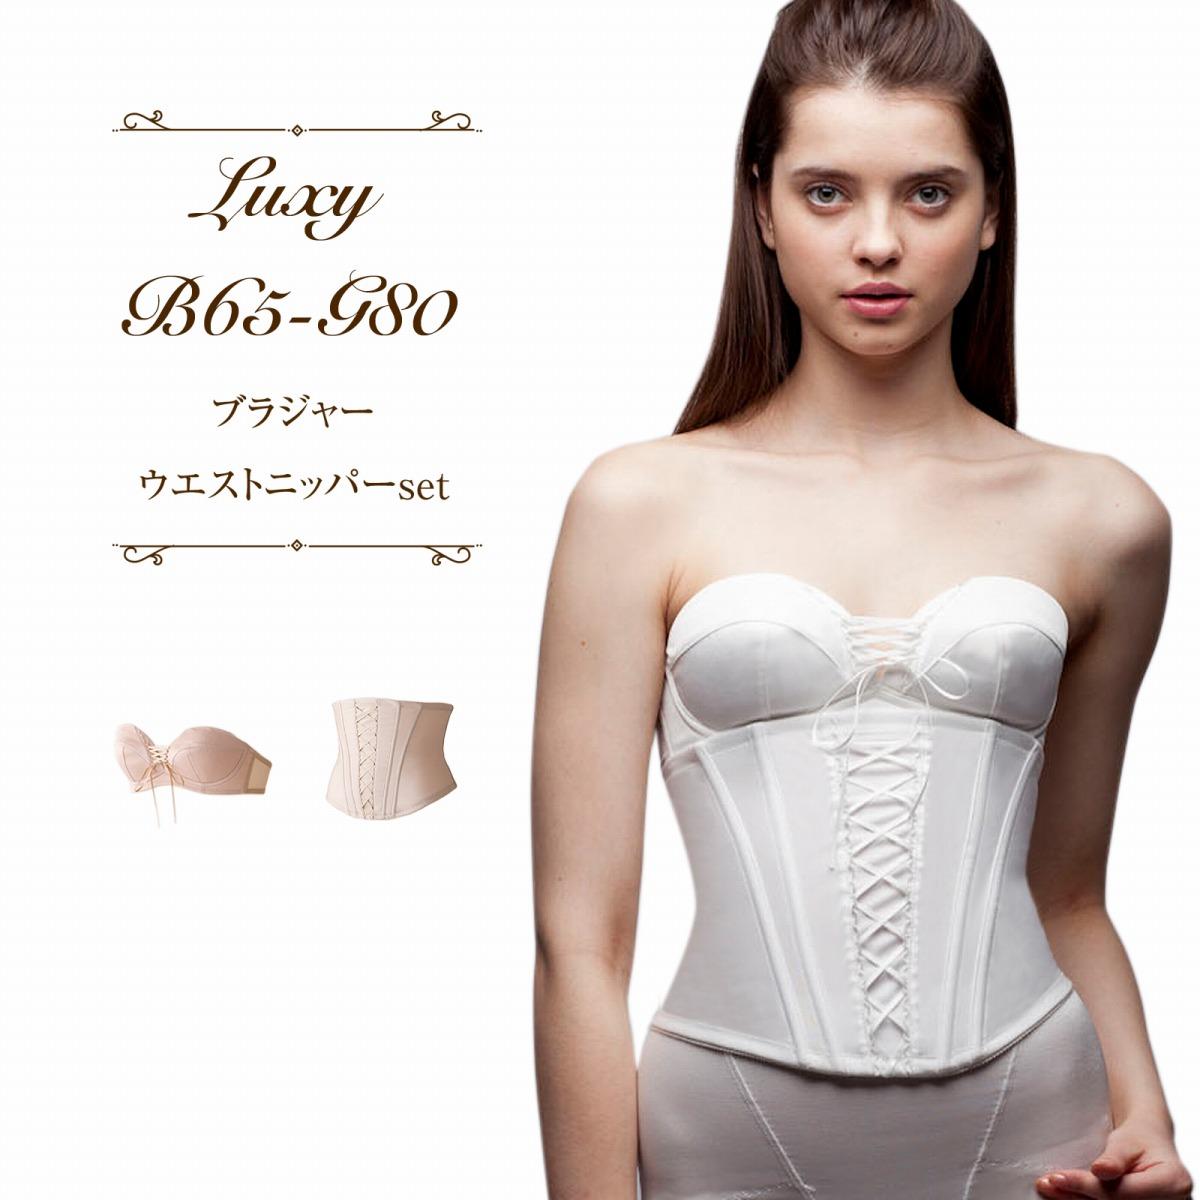 1e15c61ae2f5 Bridal Inner LuXY  Bridal lingerie set wedding inner wedding bridal  lingerie bridal inner bridal lingerie